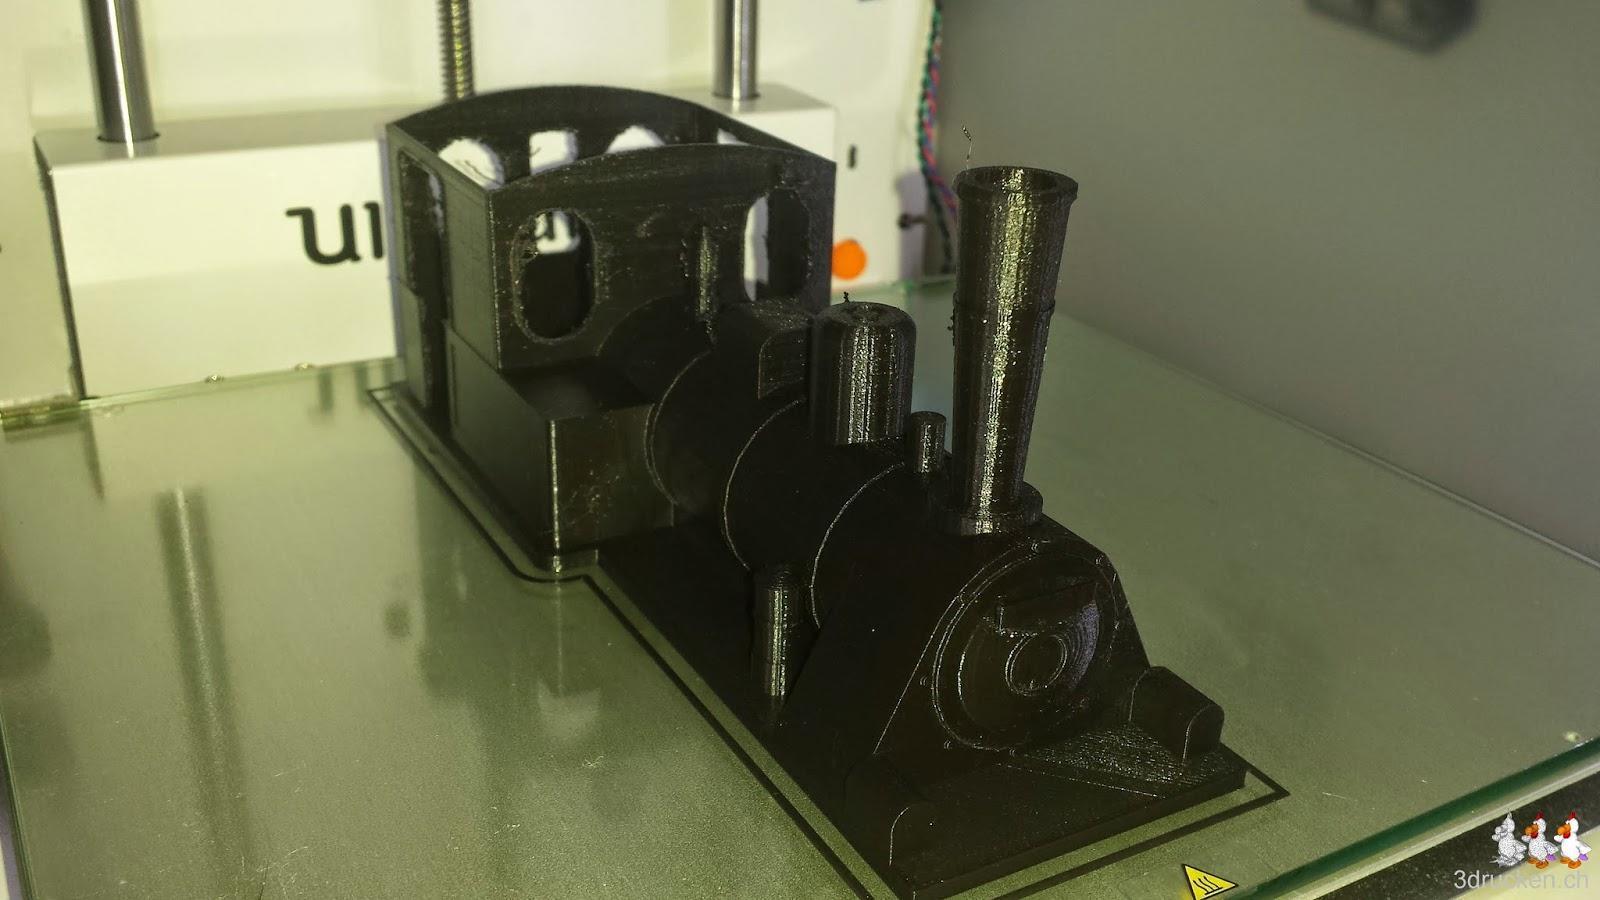 Foto des Hauptkörpers ohne Dach gedruckt auf dem Ultimaker 2 aus schwarzem PLA/PHA